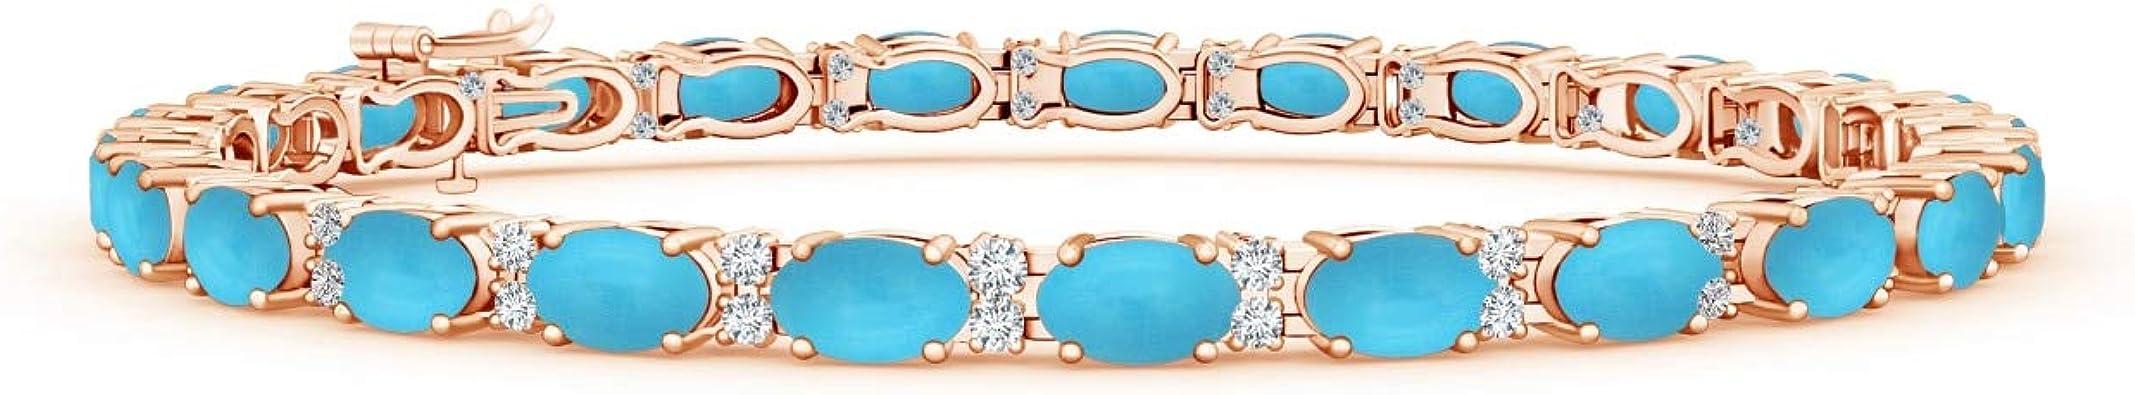 stamped 925 Sterling silver handmade bracelet modern 925 silver patterned tennis bracelet 6.75\u201d 530695 vintage